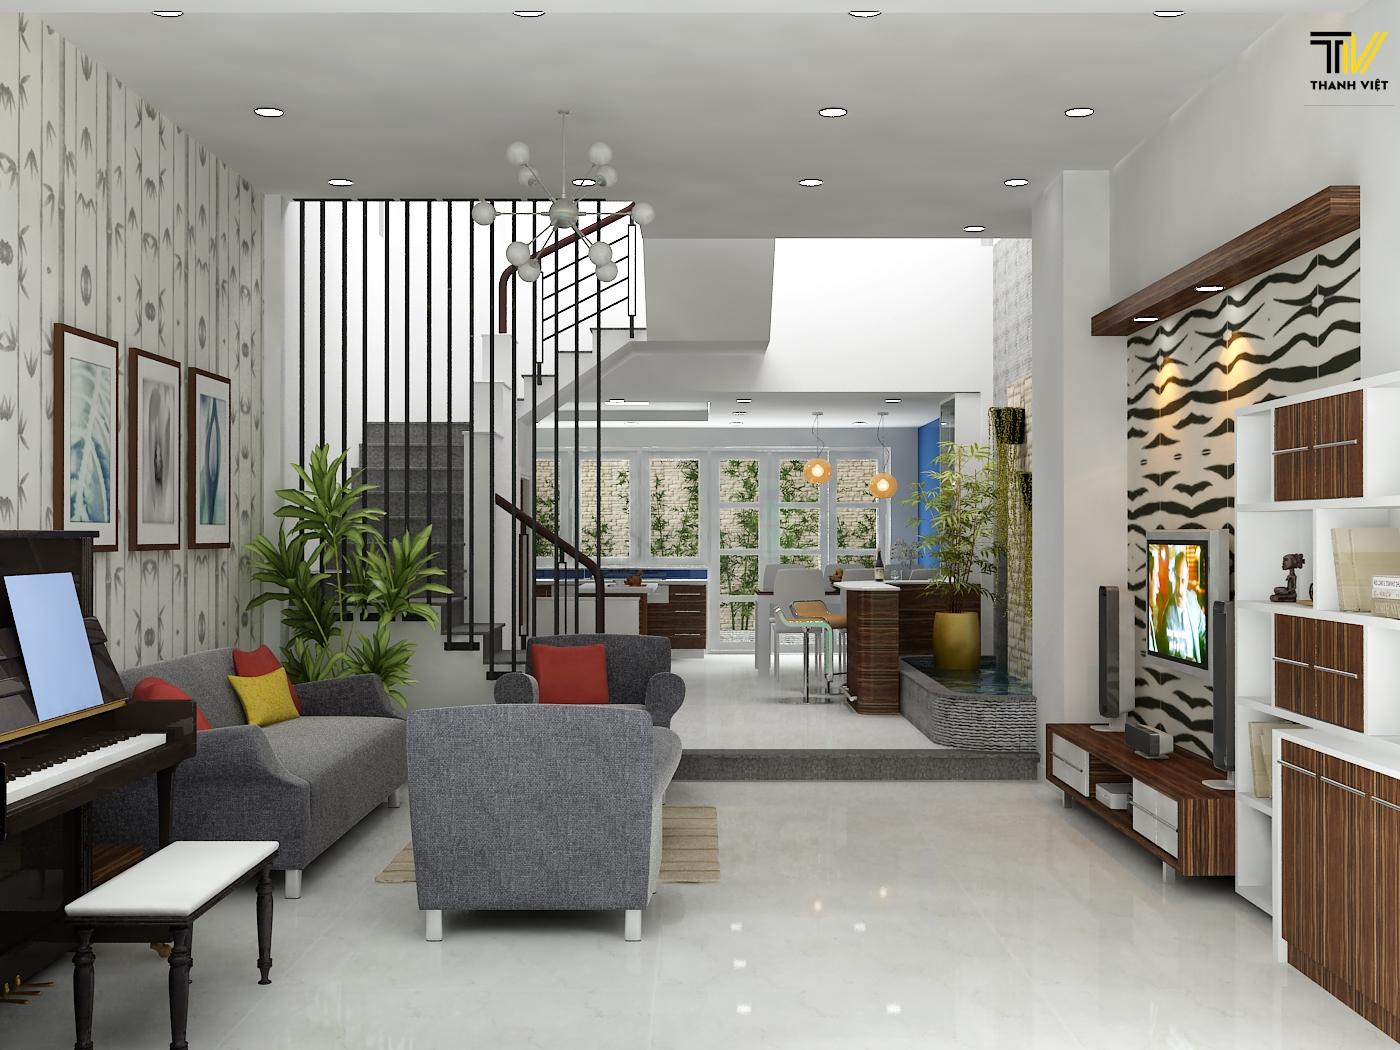 Quy tắc về phong thủy trong thiết kế nội thất nhà của bạn